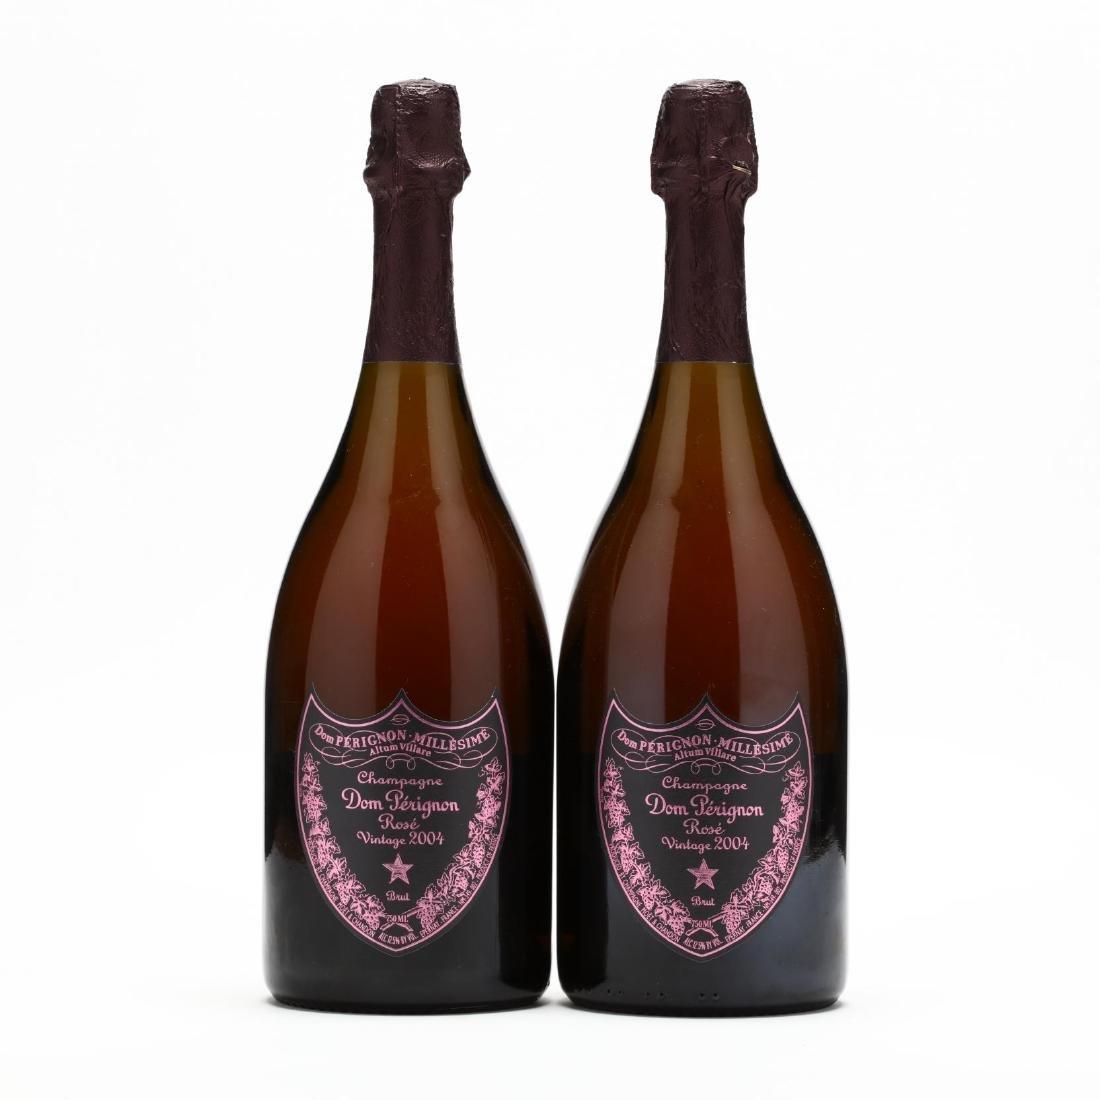 Moet et Chandon Champagne - Vintage 2004